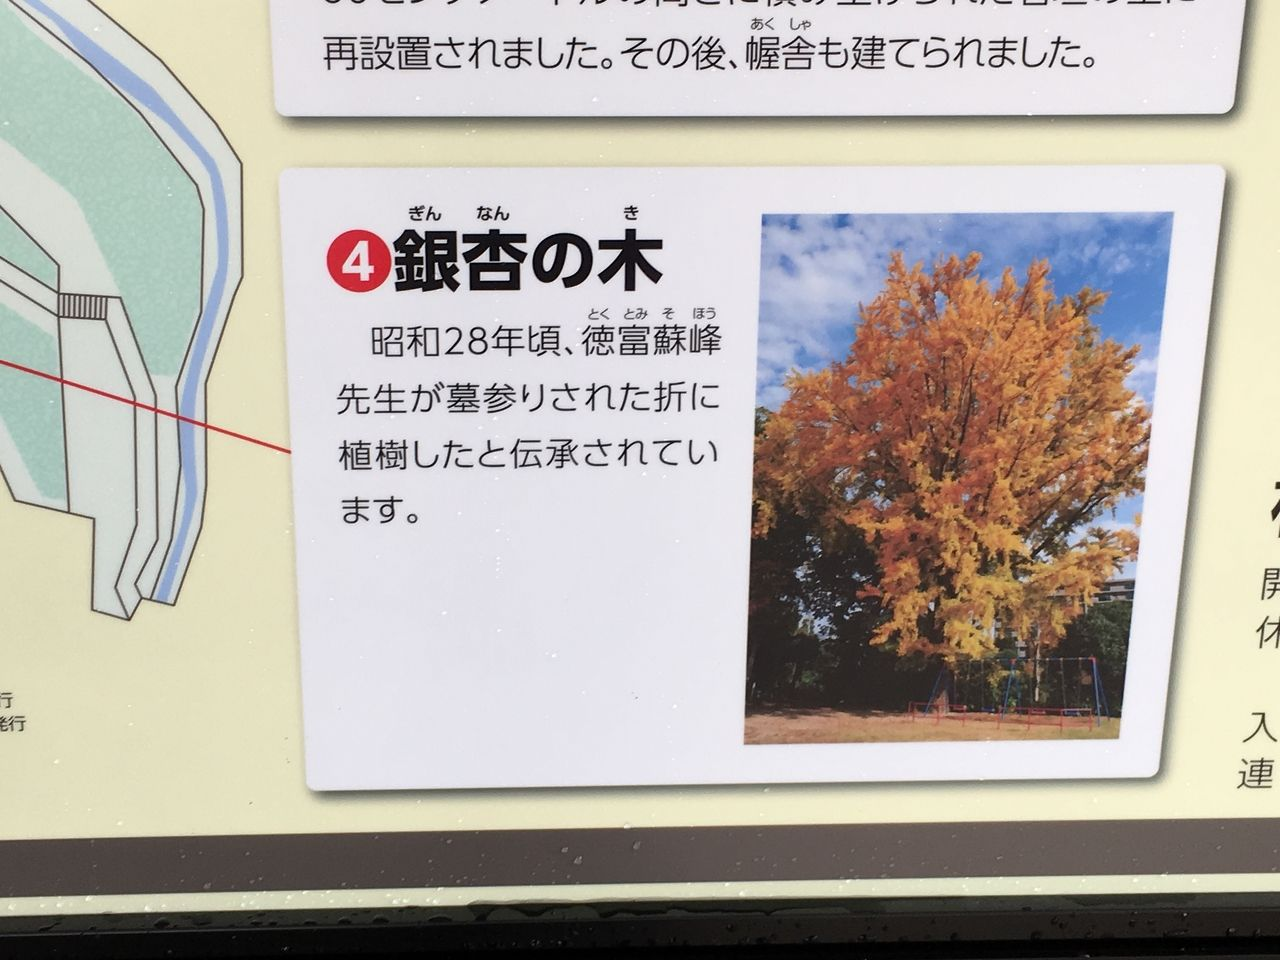 小楠公園内の銀杏の木の説明